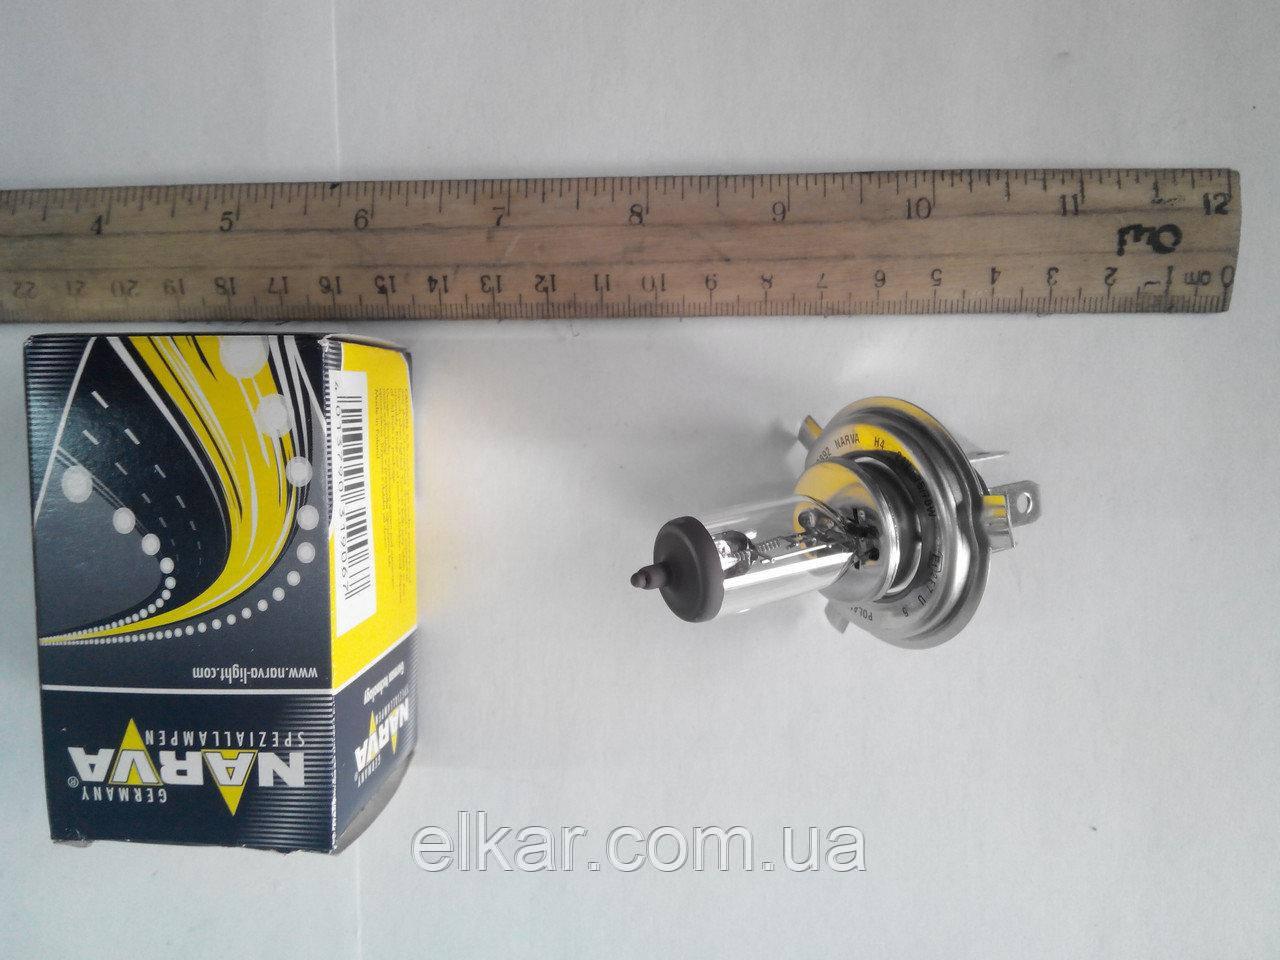 Лампа NARVA 48892 галогенна   АКГ24-75+70 Н4 Р43t